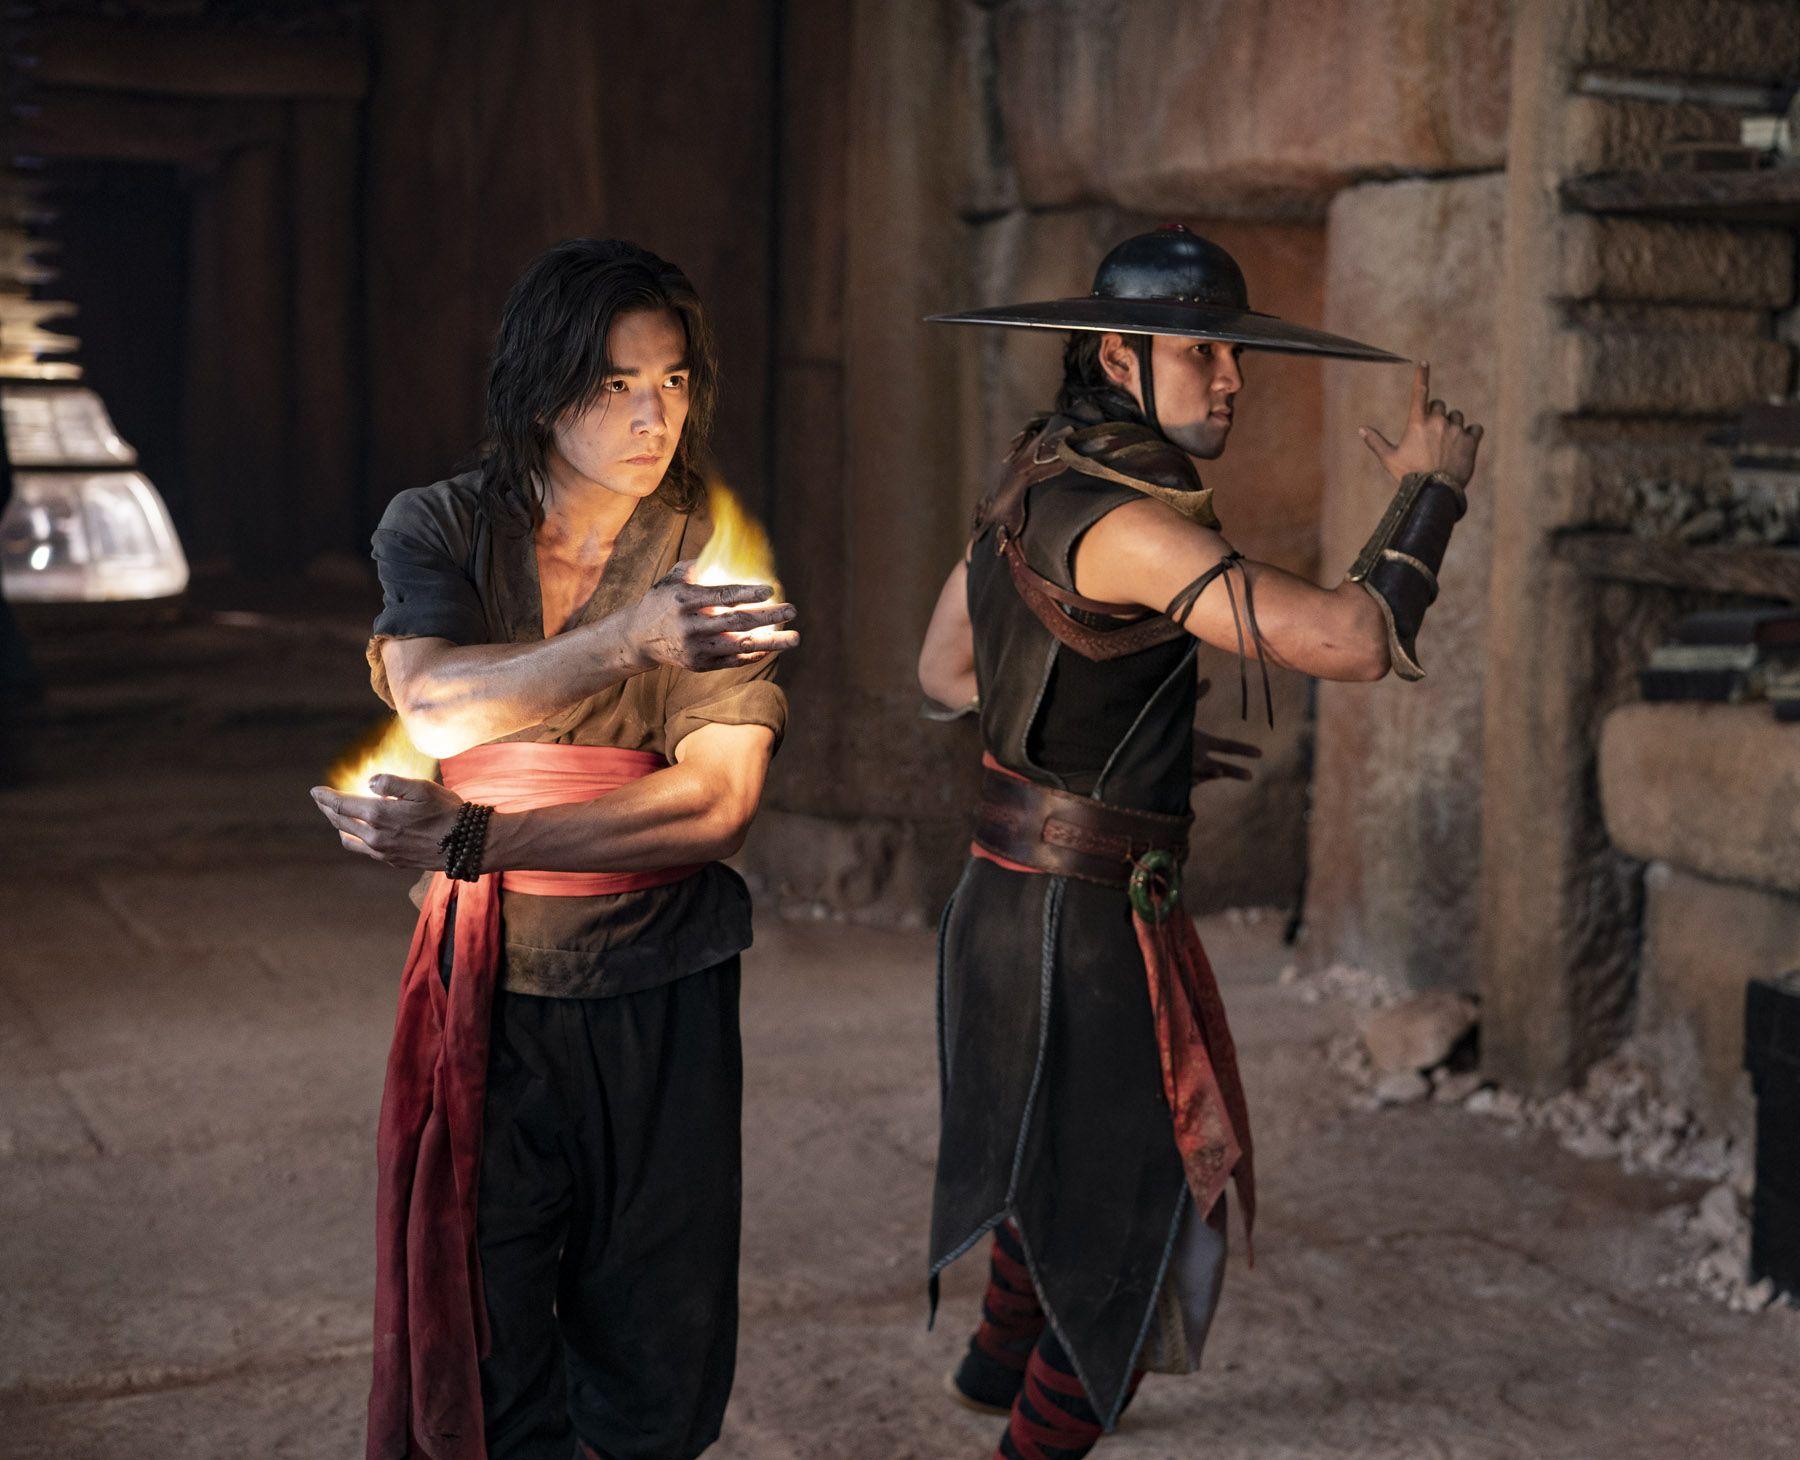 Mortal Kombat filmi ABD'de hasılat rekoru kırdı